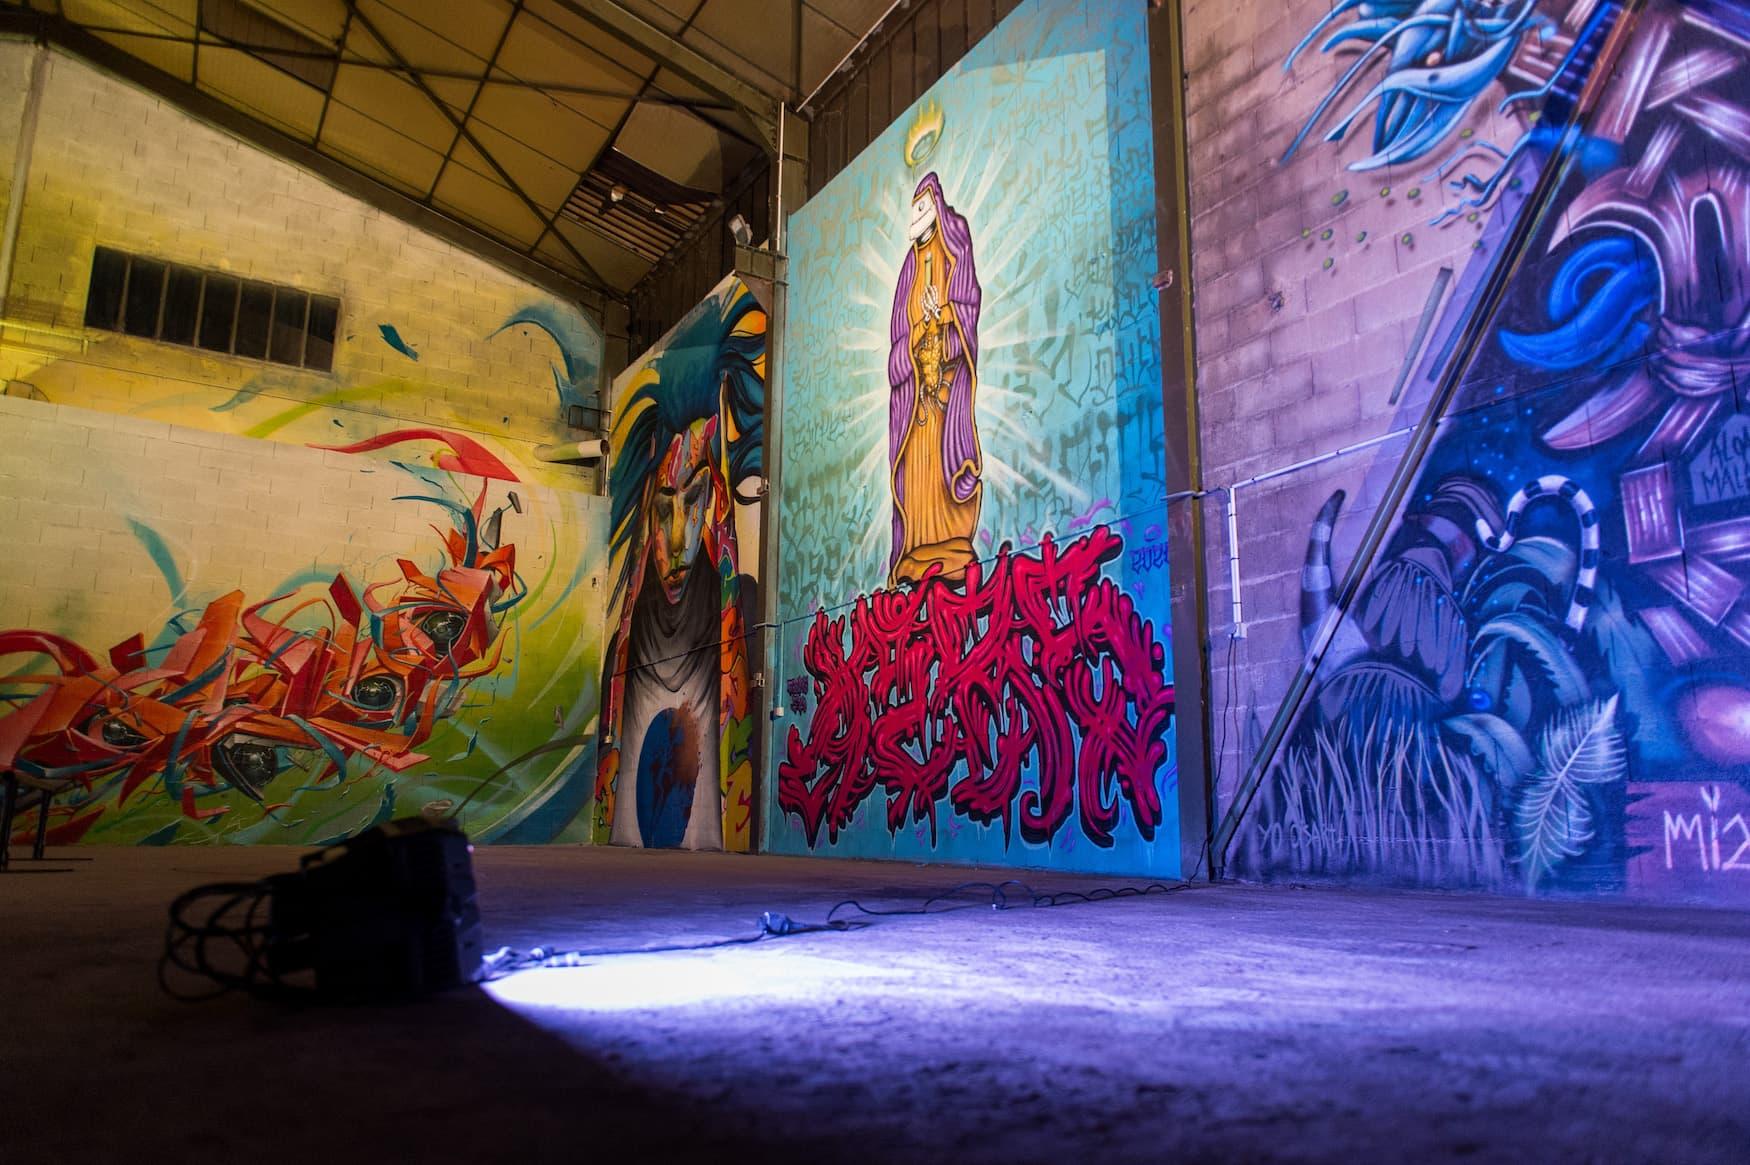 Straßenkunst der Künstlerin Xerou